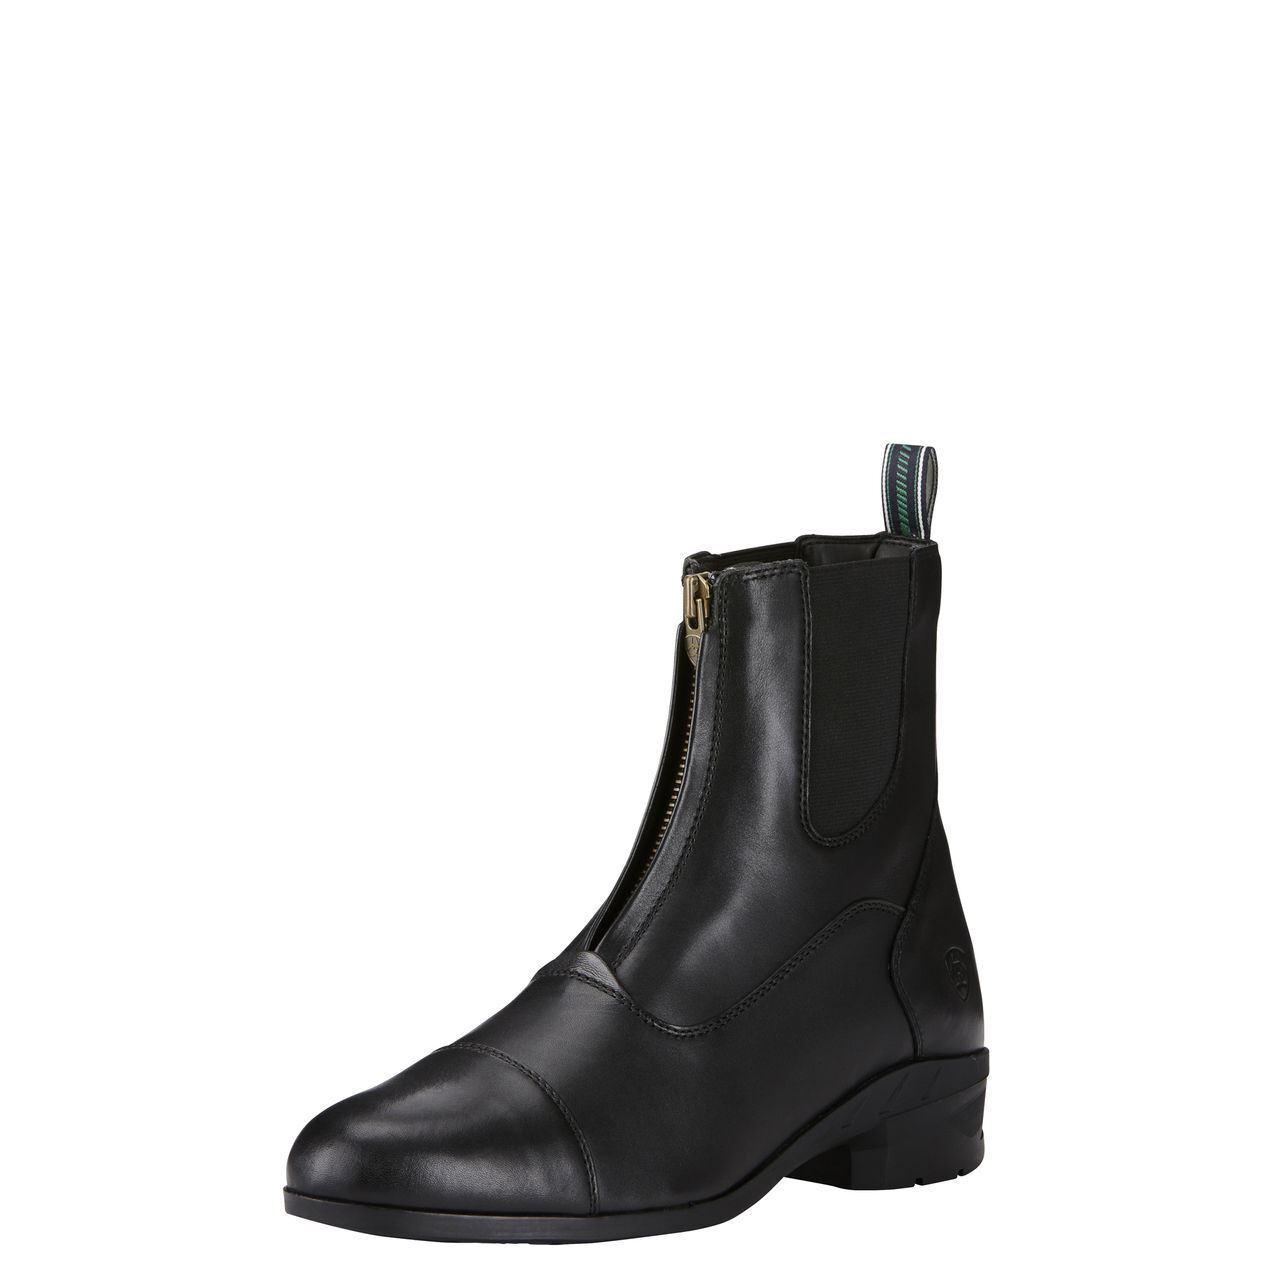 Ariat Para Hombre Heritage IV Cremallera Paddock botas-Hombres-Negro-Diferentes Tamaños